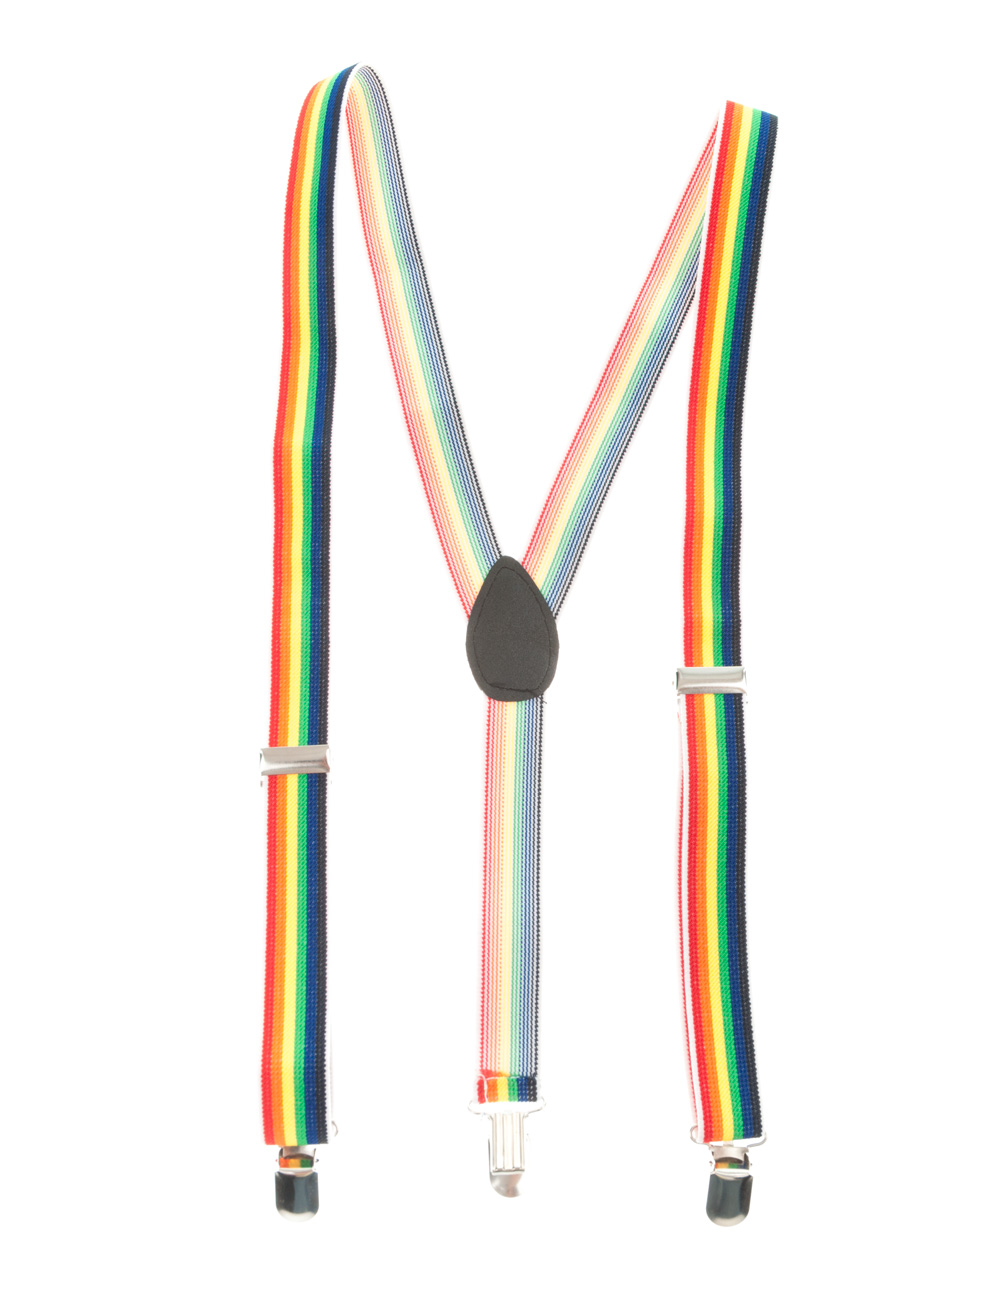 Kostuemzubehor Hosentraeger Regenbogen Farbe: multicolor bzw. bunt